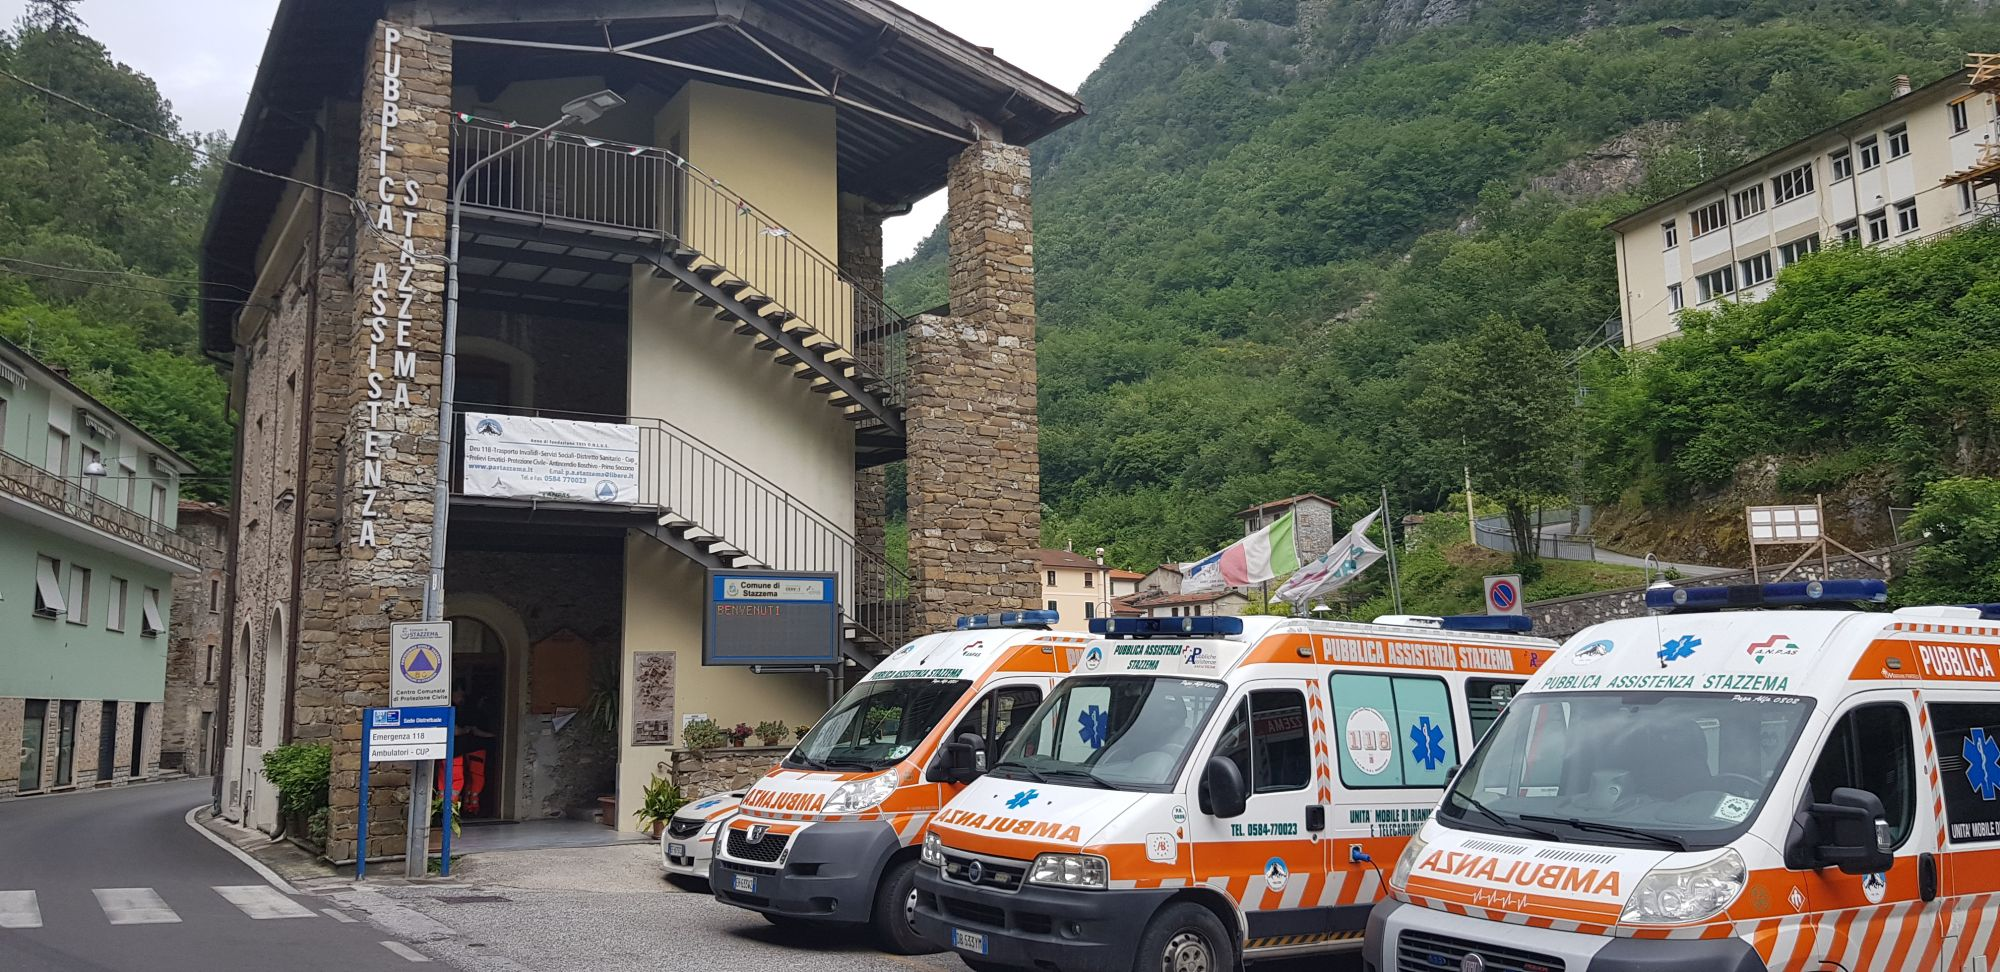 Distretto Asl di Pontestazzemese ancora senza medico dell'ambulanza